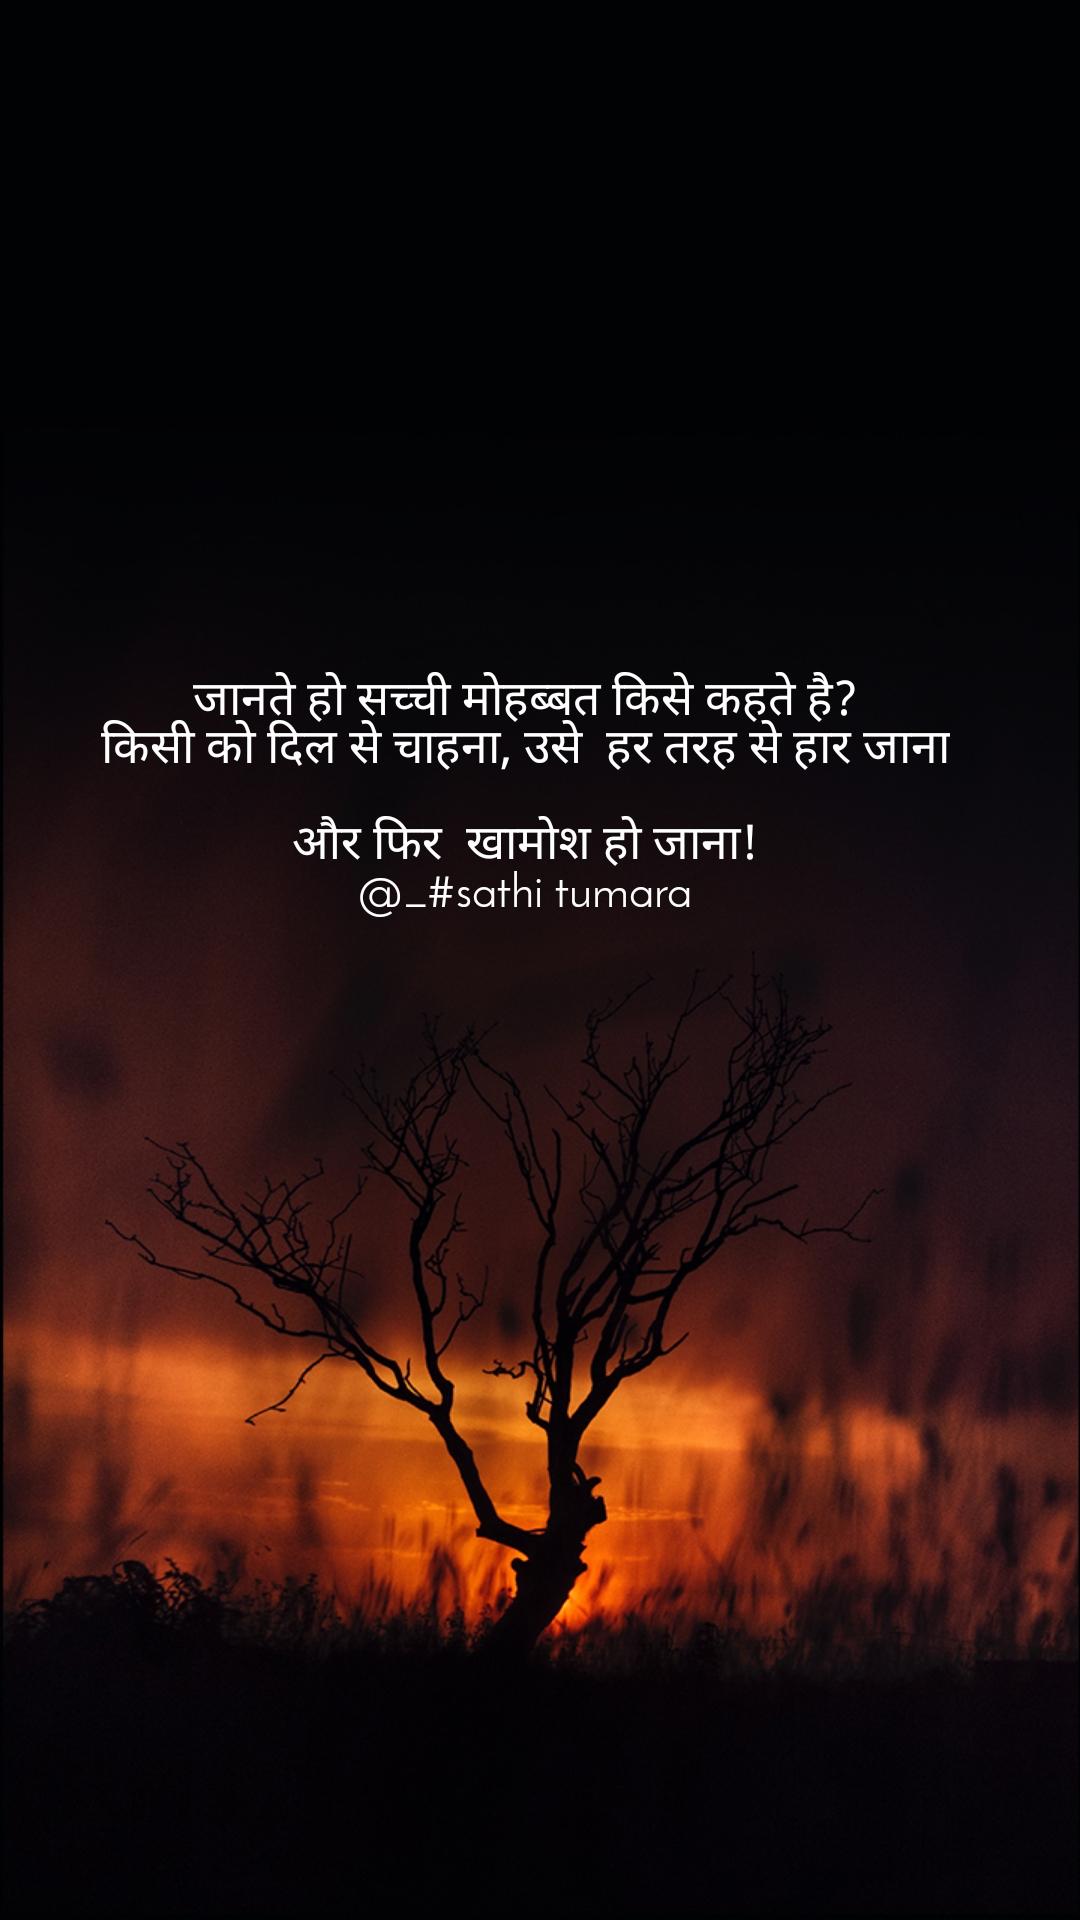 जानते हो सच्ची मोहब्बत किसे कहते है? किसी को दिल से चाहना, उसे  हर तरह से हार जाना  और फिर  खामोश हो जाना! @_#sathi tumara